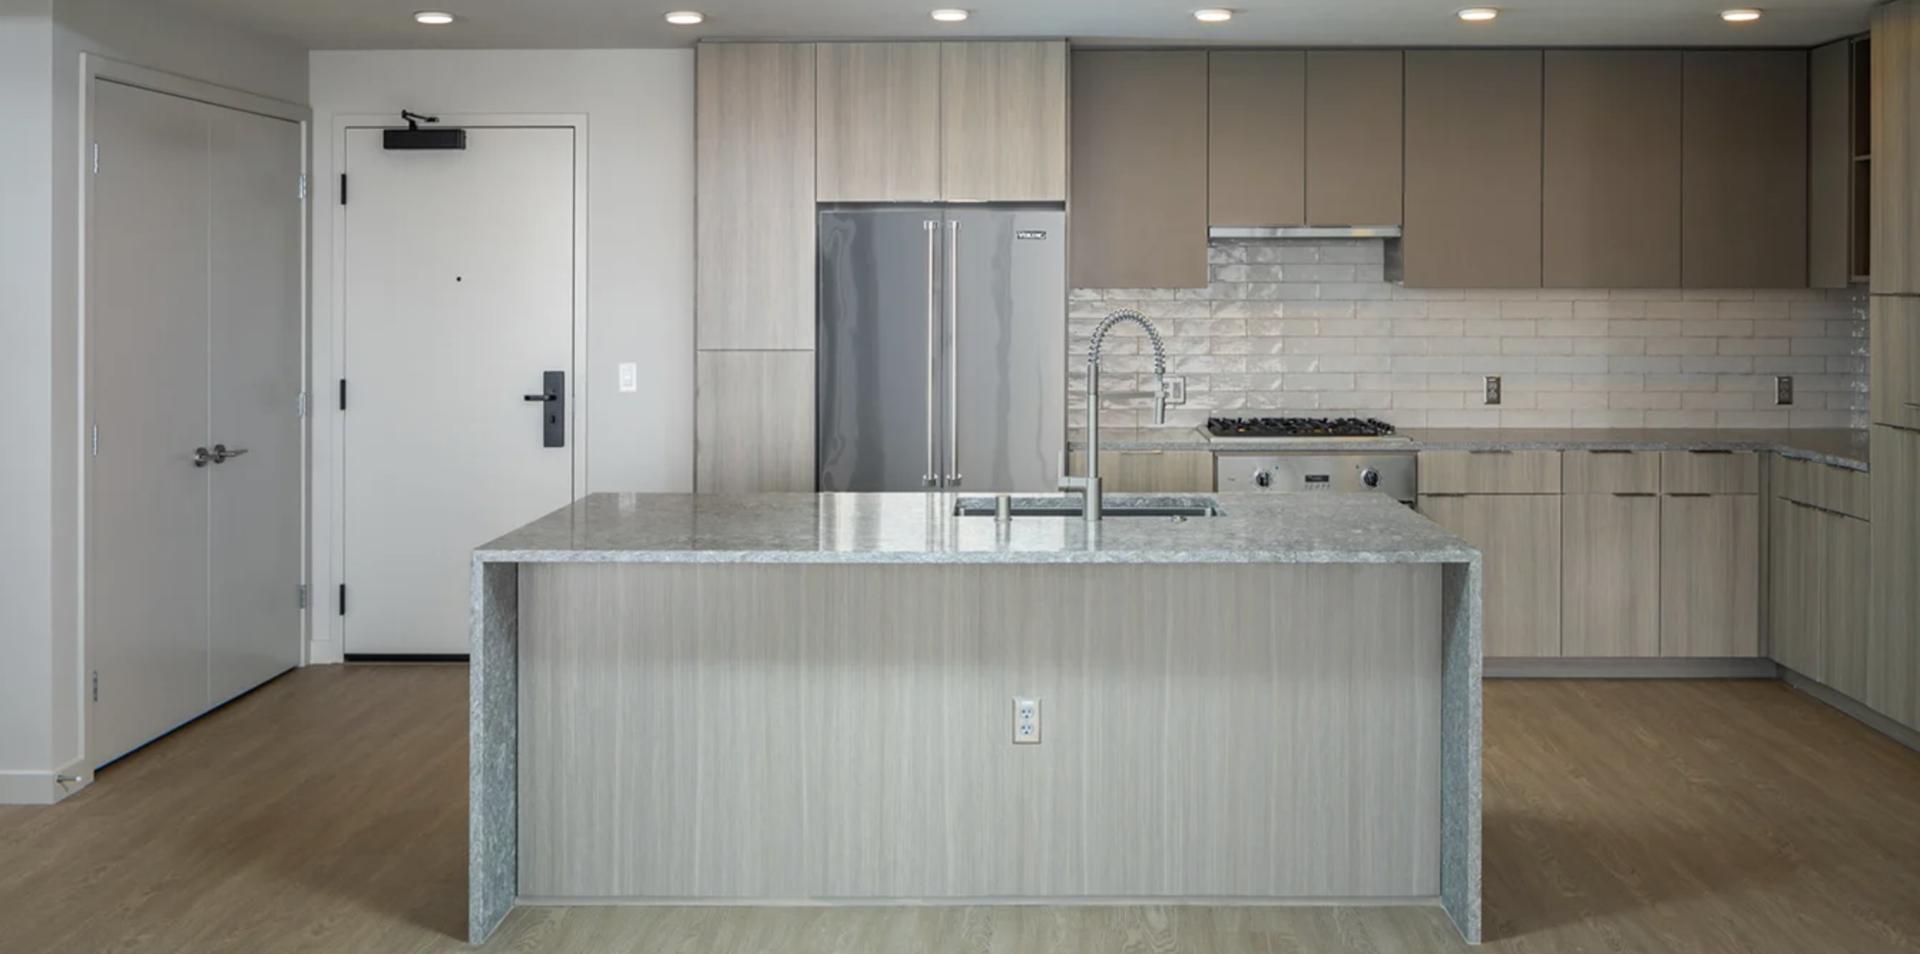 601 11th Avenue #2315, San Diego, CA - $4,855 USD/ month